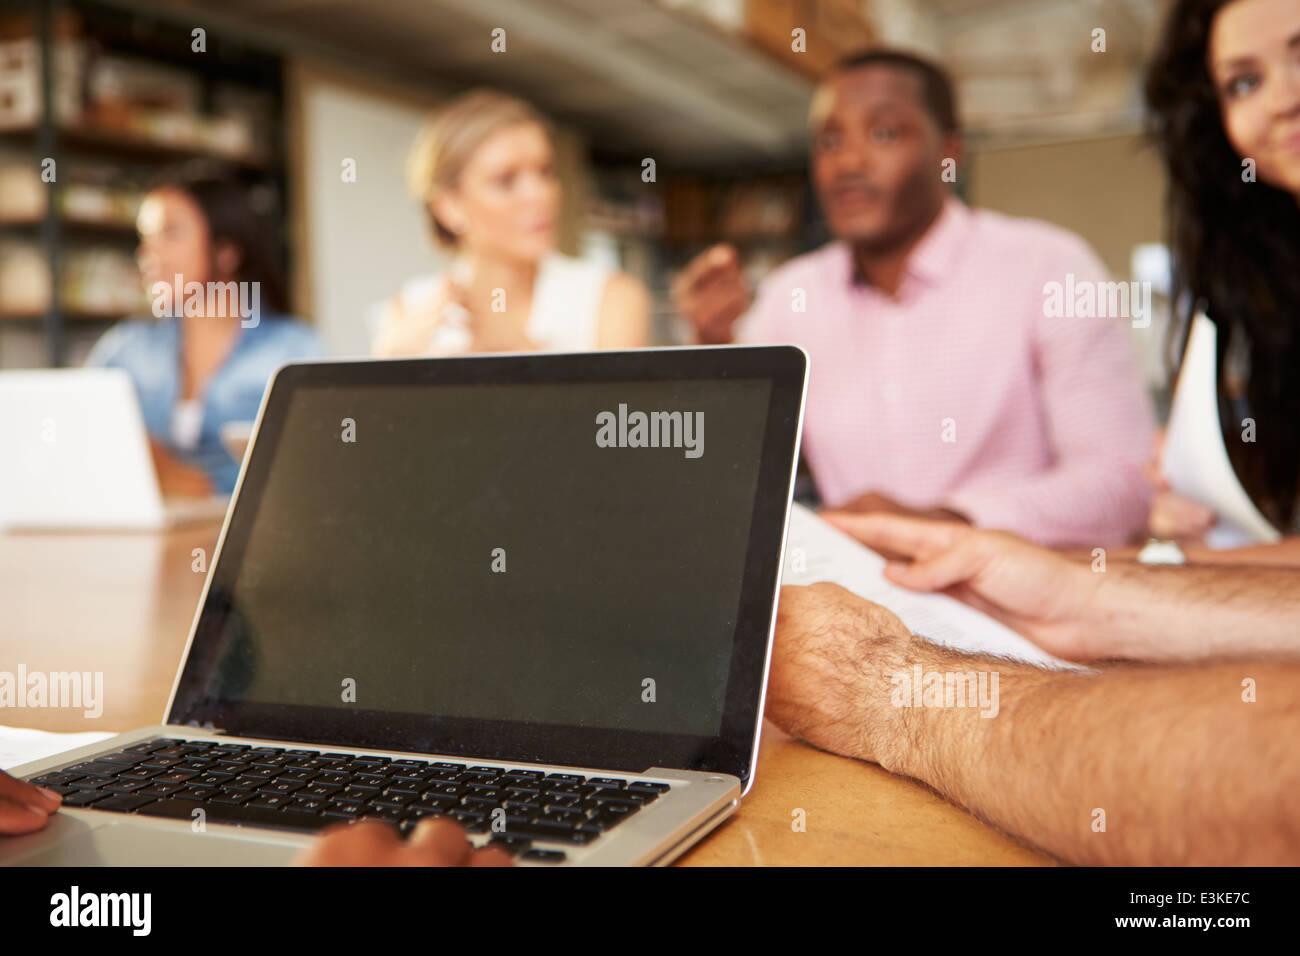 Nahaufnahme von Laptop von Architekten In Sitzung verwendet wird Stockbild